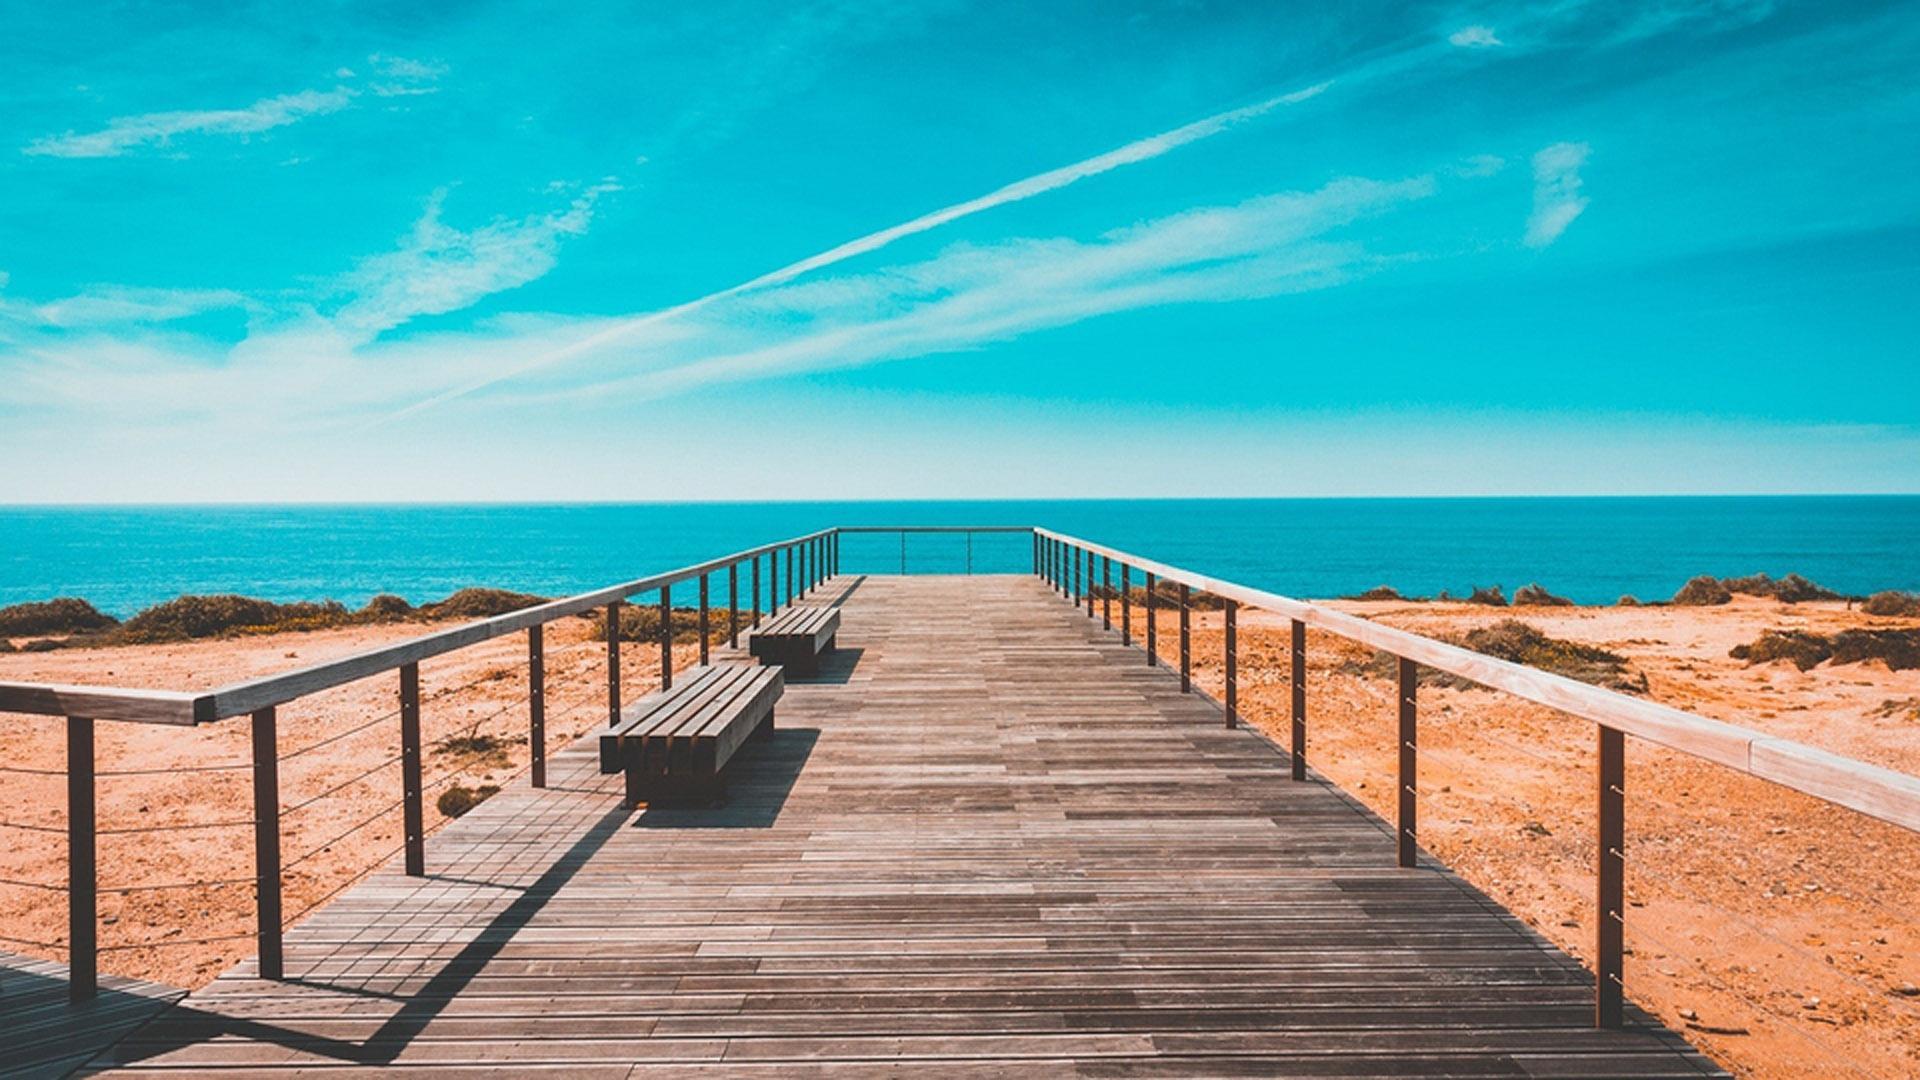 湛蓝唯美的大海风景图片桌面壁纸_图片新闻_东方头条